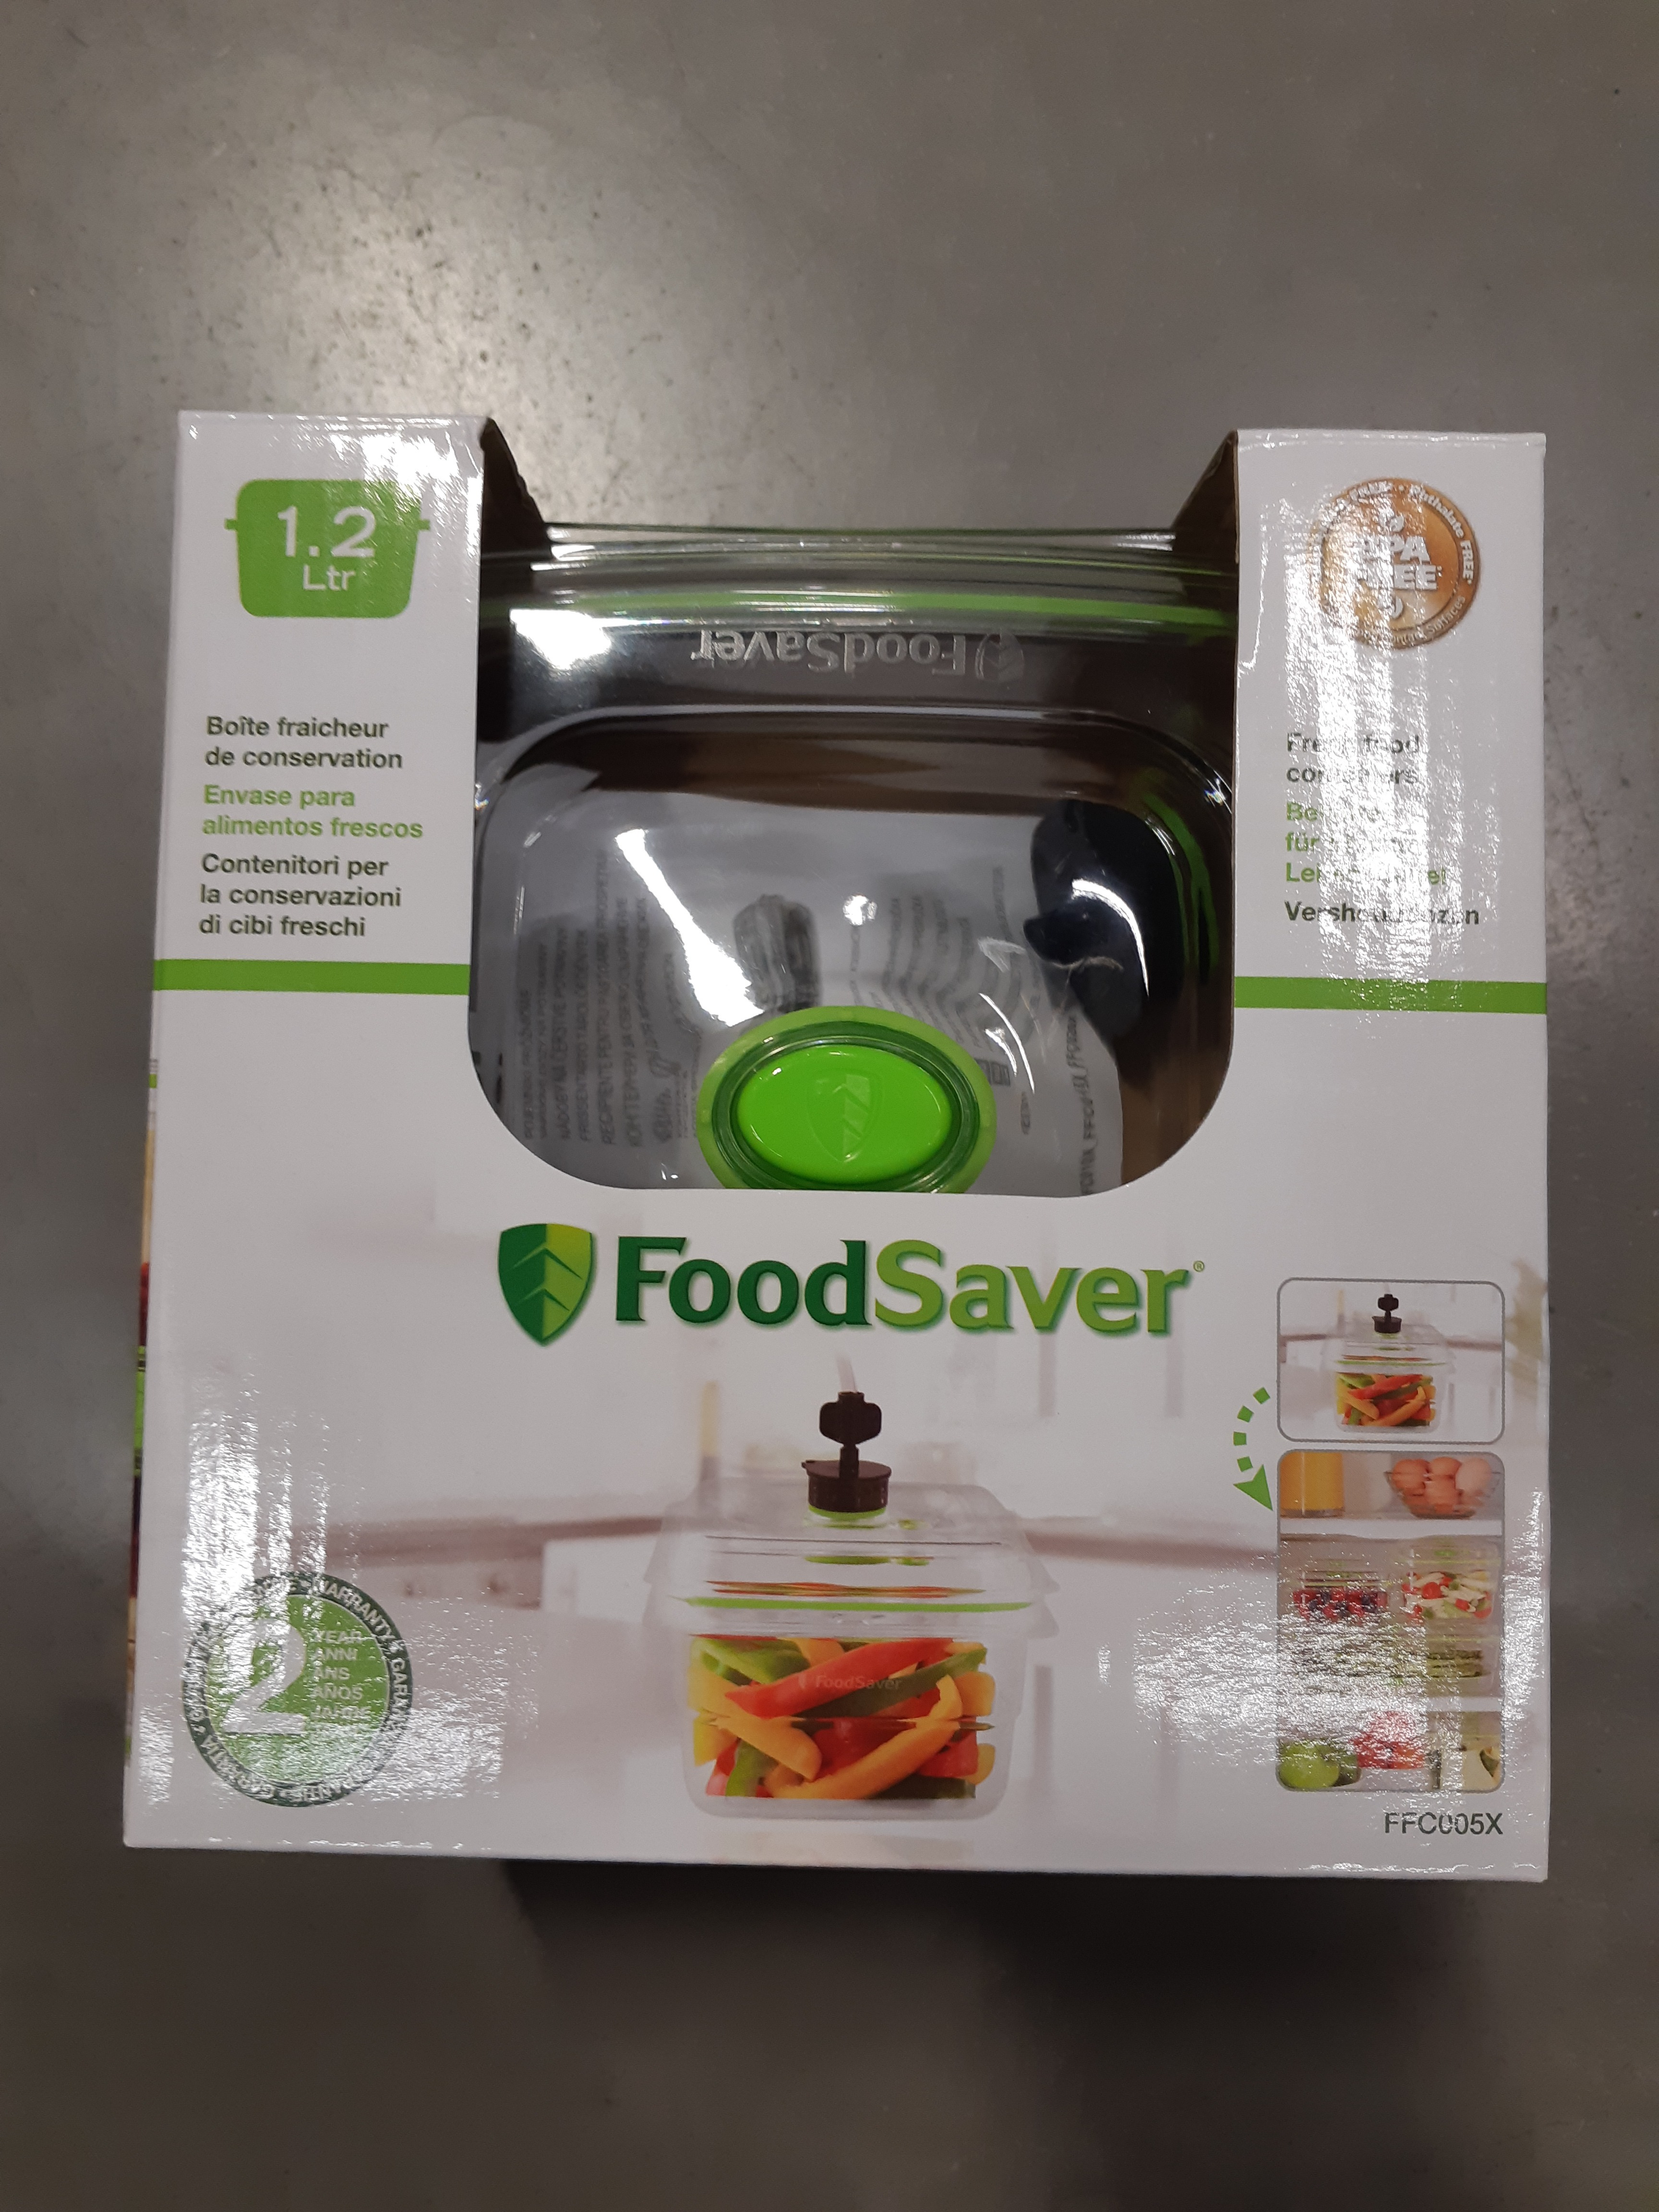 J'ai testé pour vous ma démonstration Foodsaver avec la boite Foodsaver